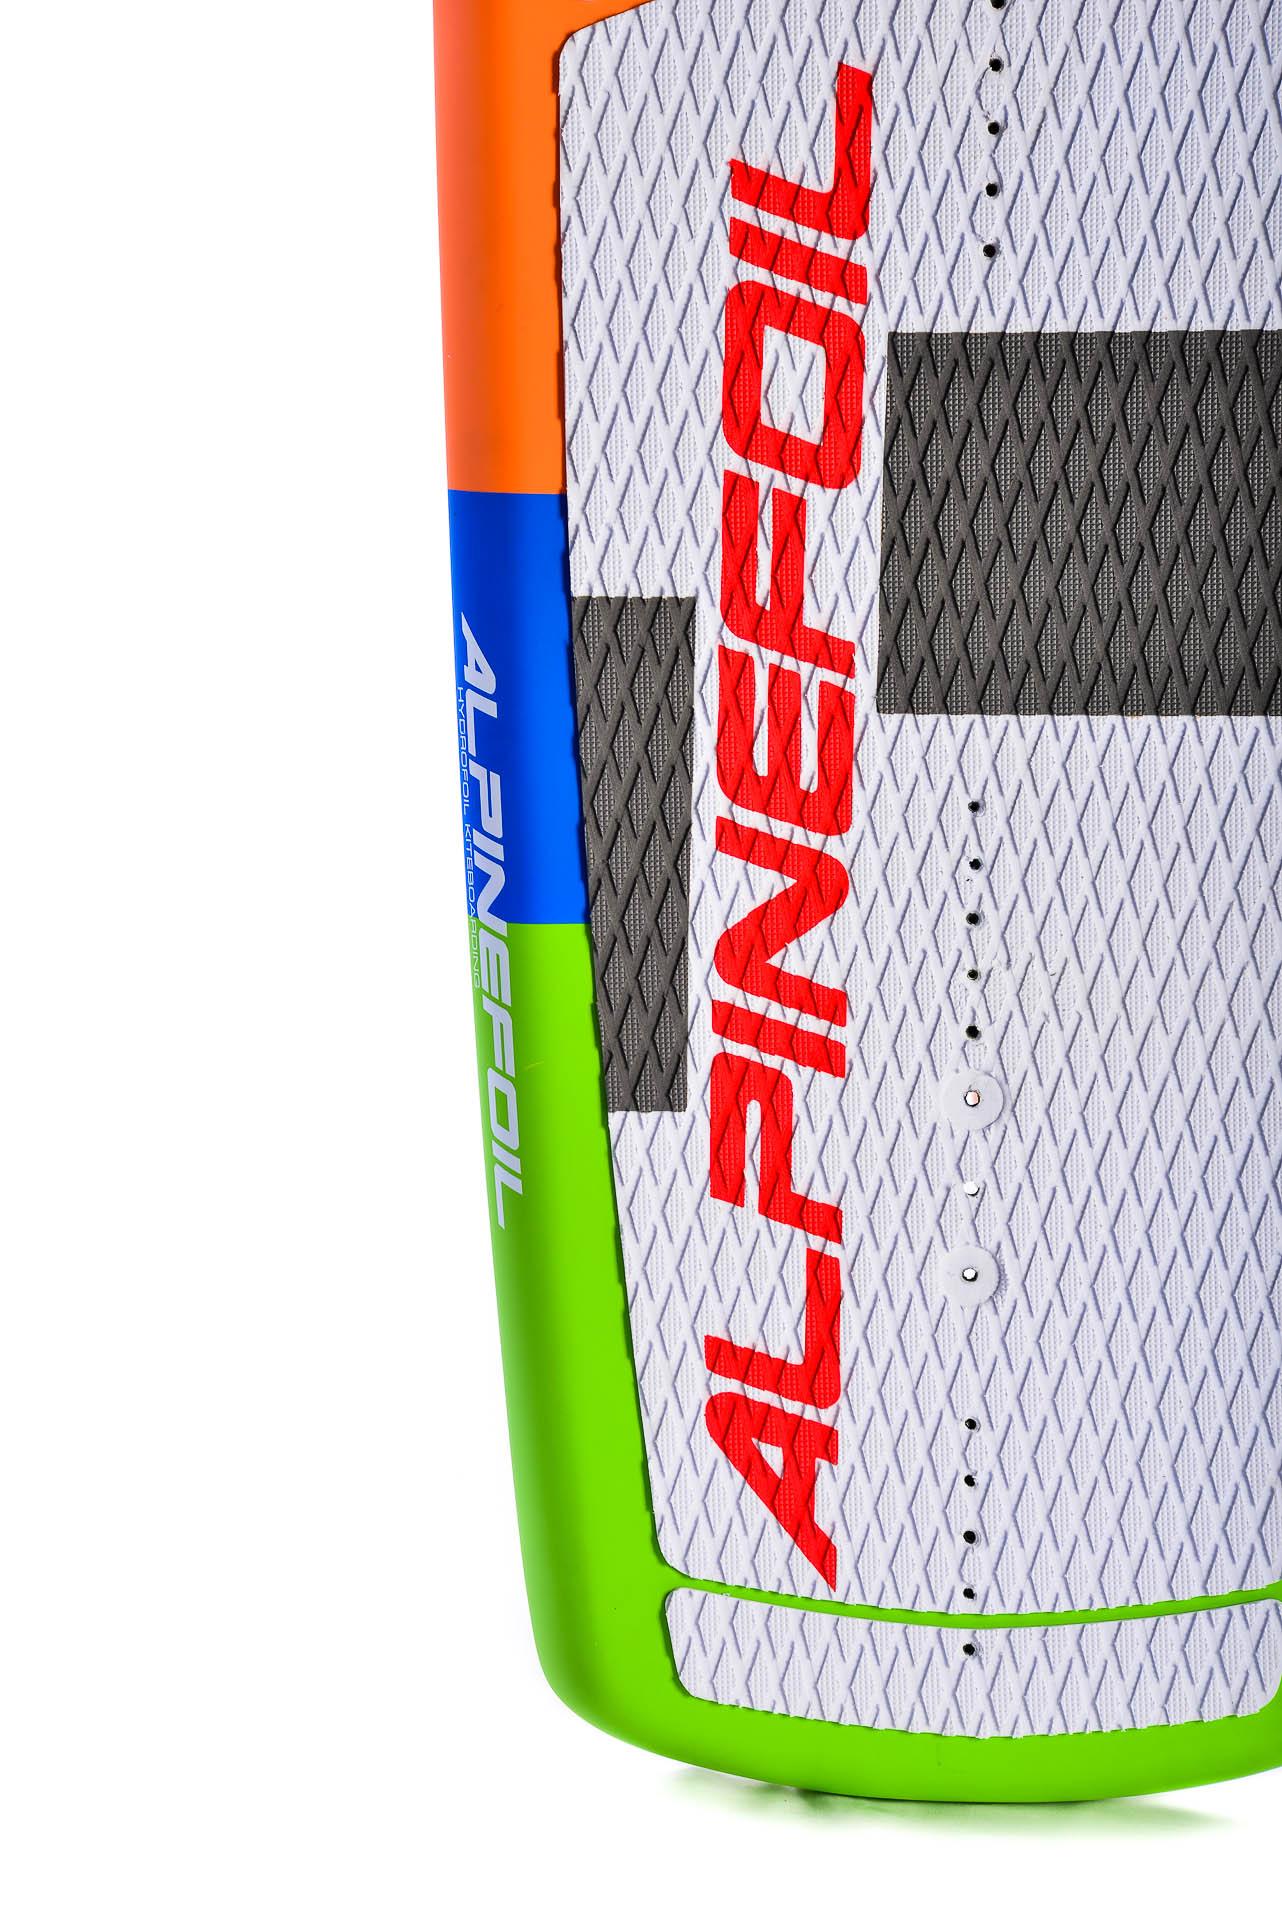 Kitefoil board alpinefoil 9361